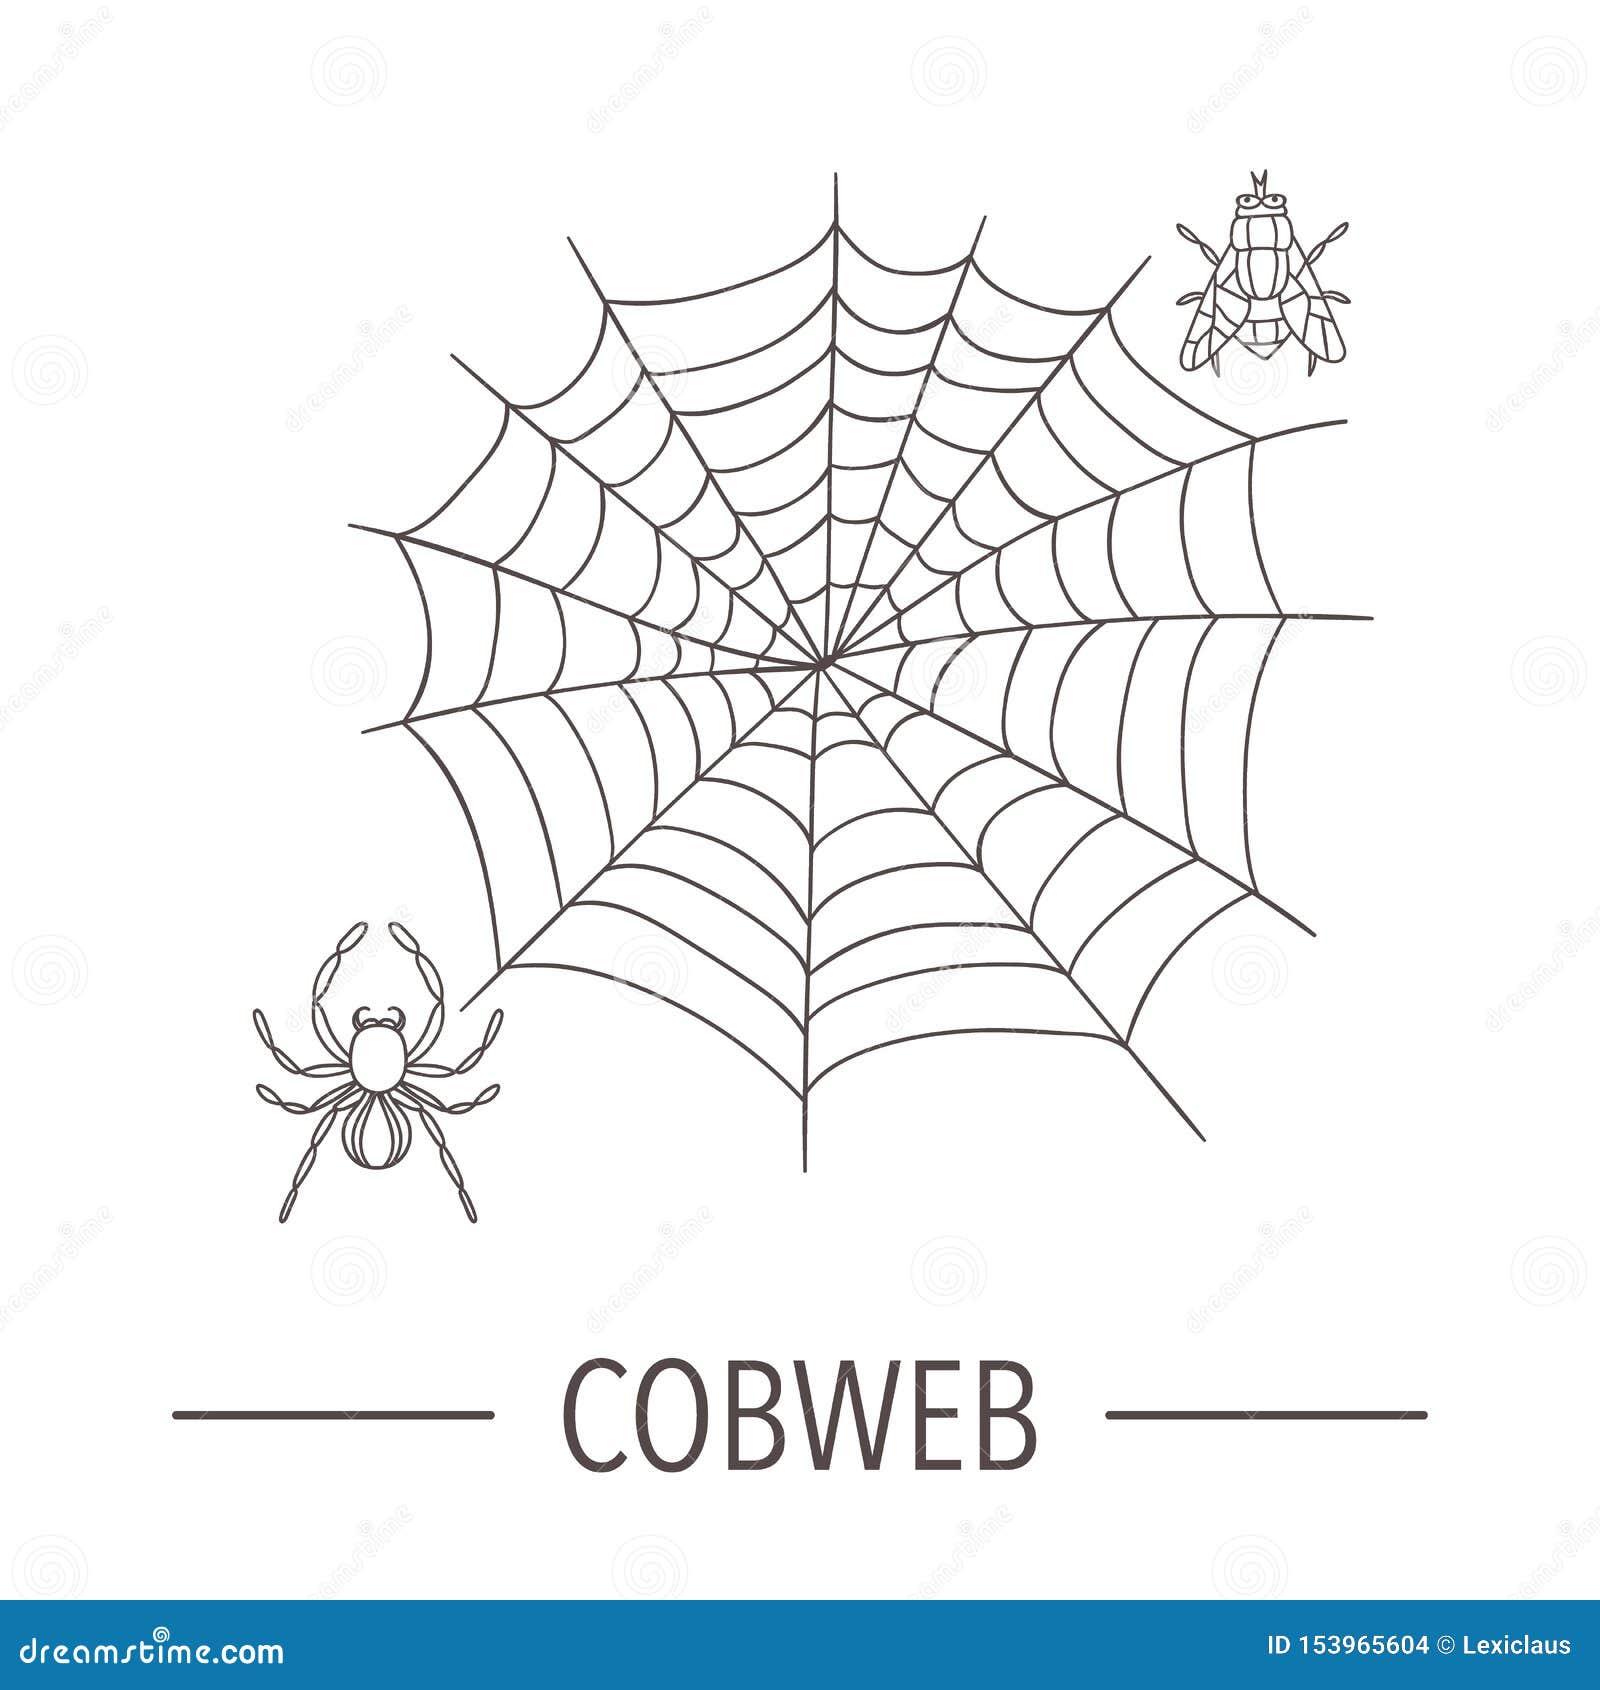 A Lapis Desenho Do Vetor Da Aranha Com Teia De Aranha E Da Mosca